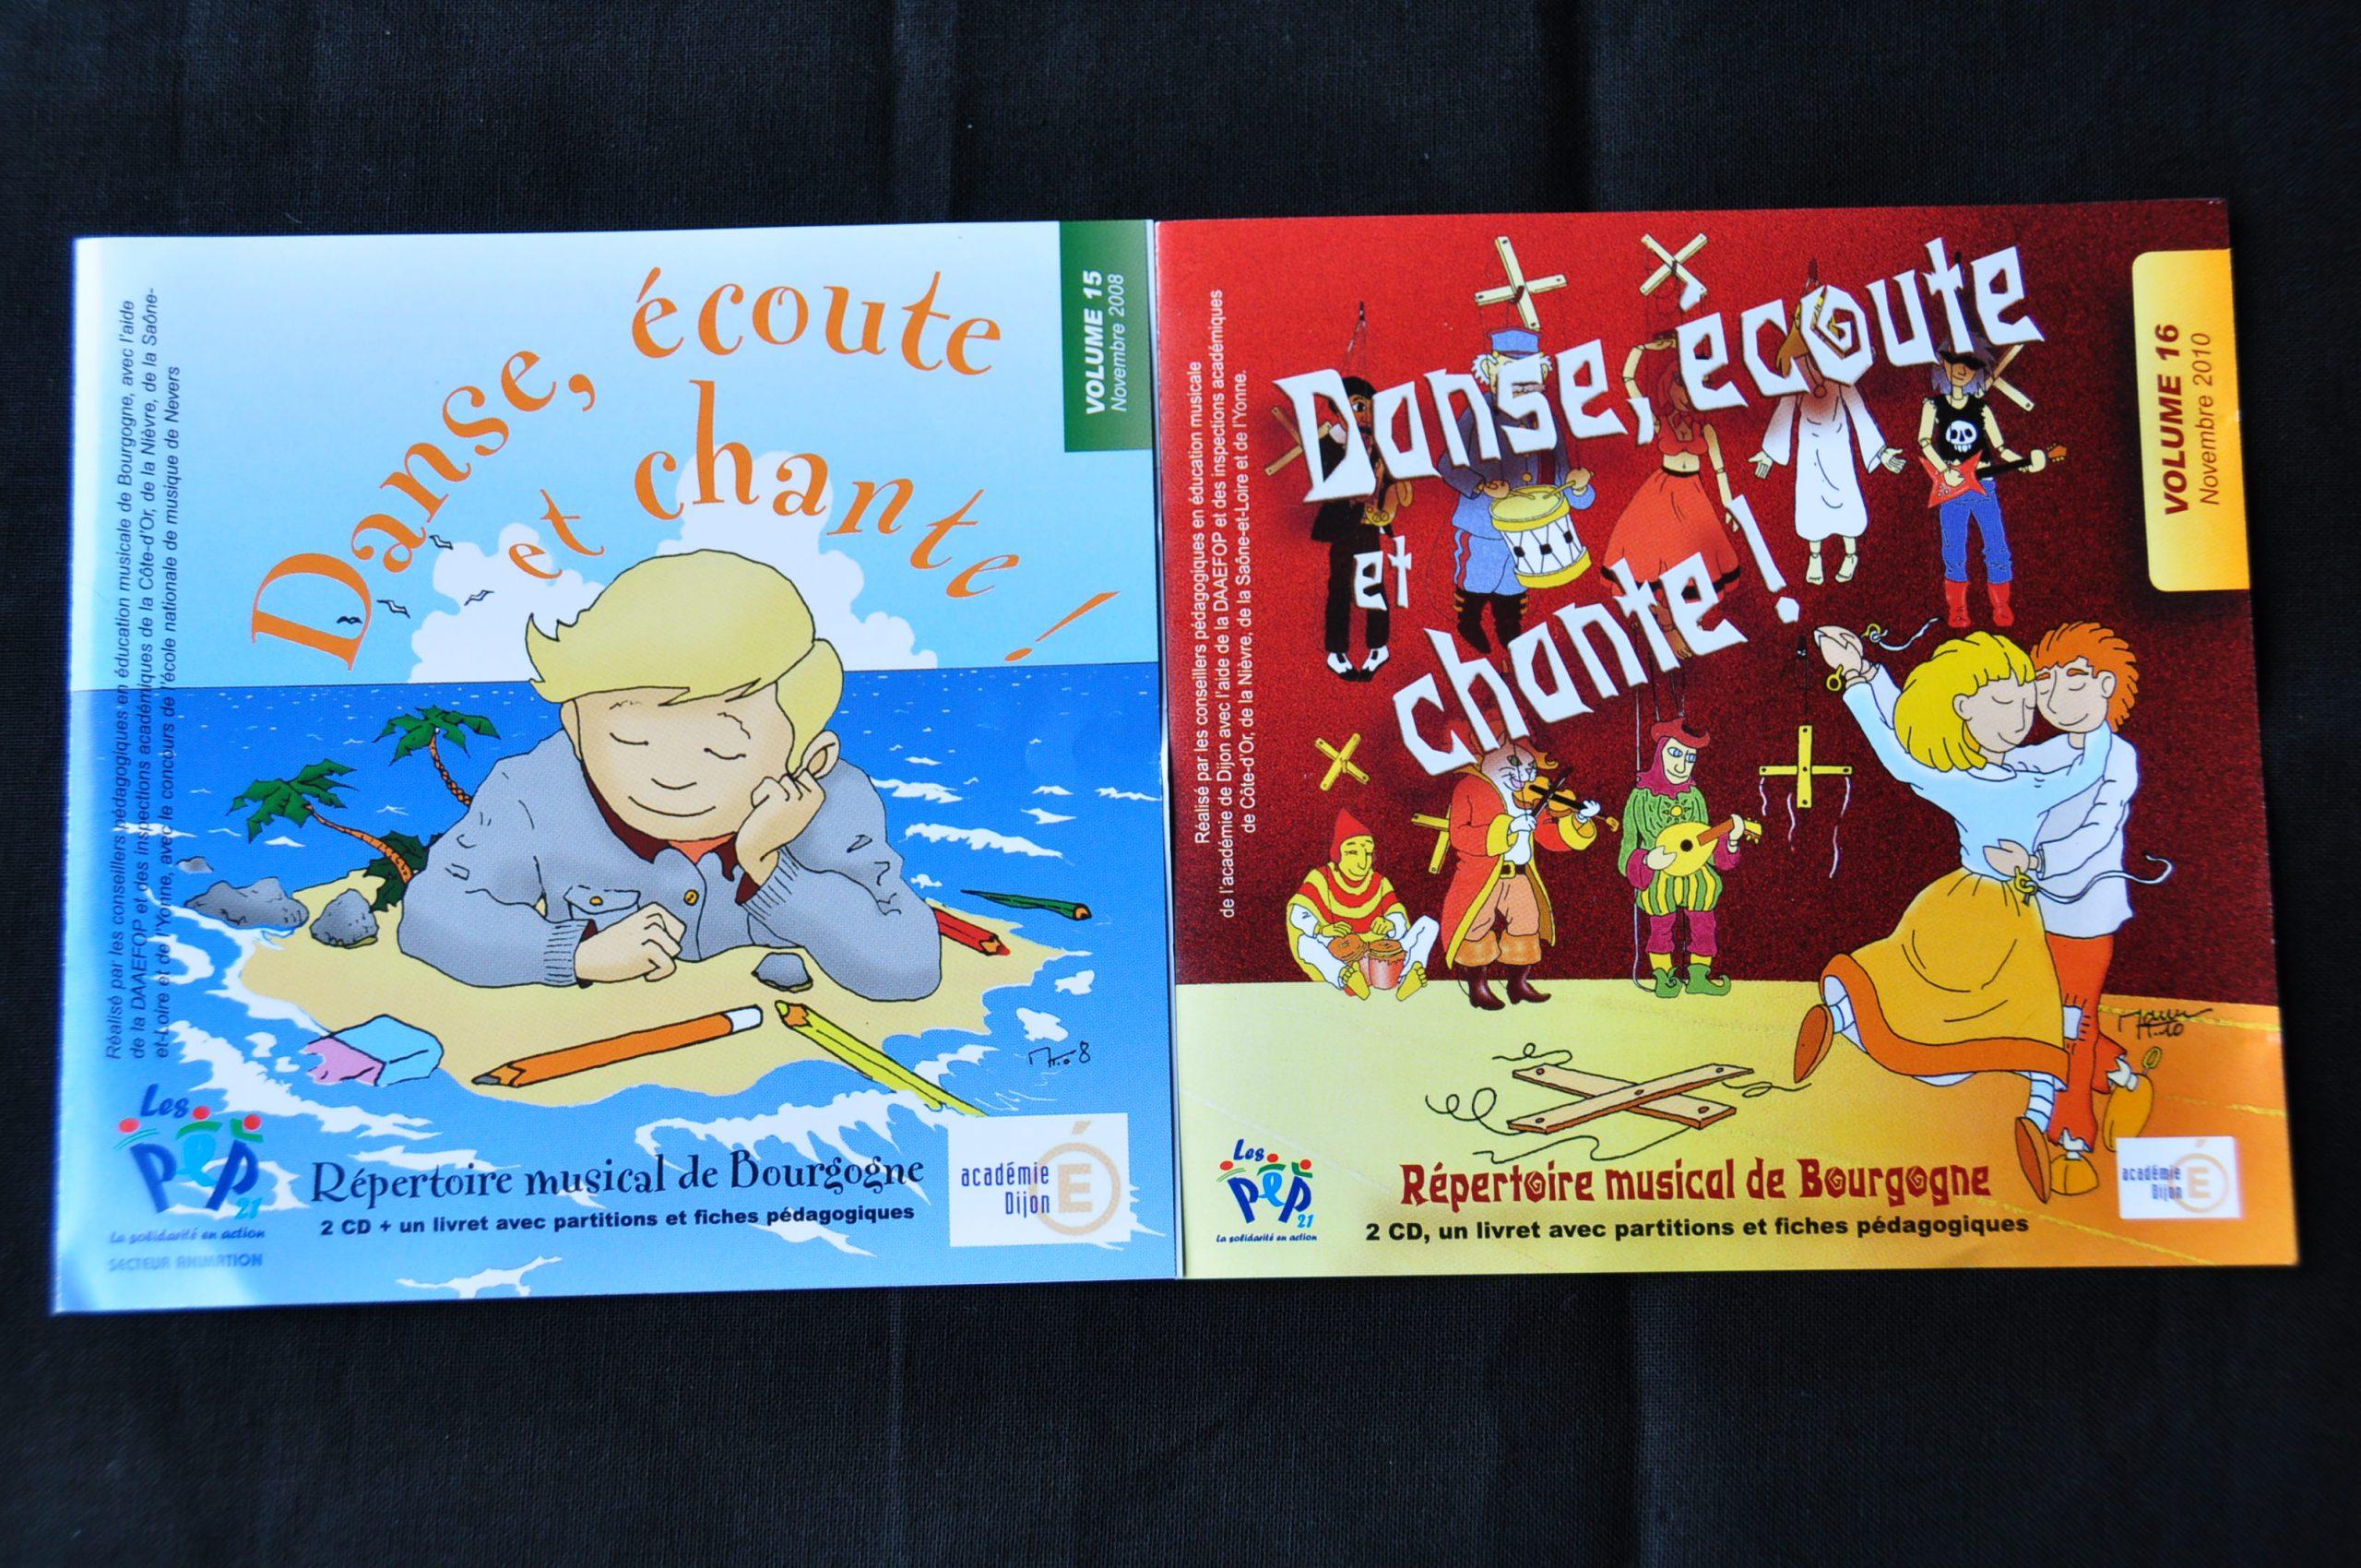 2008 et 2010 - « Danse, écoute, chante »Réalisés par les Conseillés Pédagogiques de l'Éducation Nationale de Bourgogne Prod. ADPEP 21